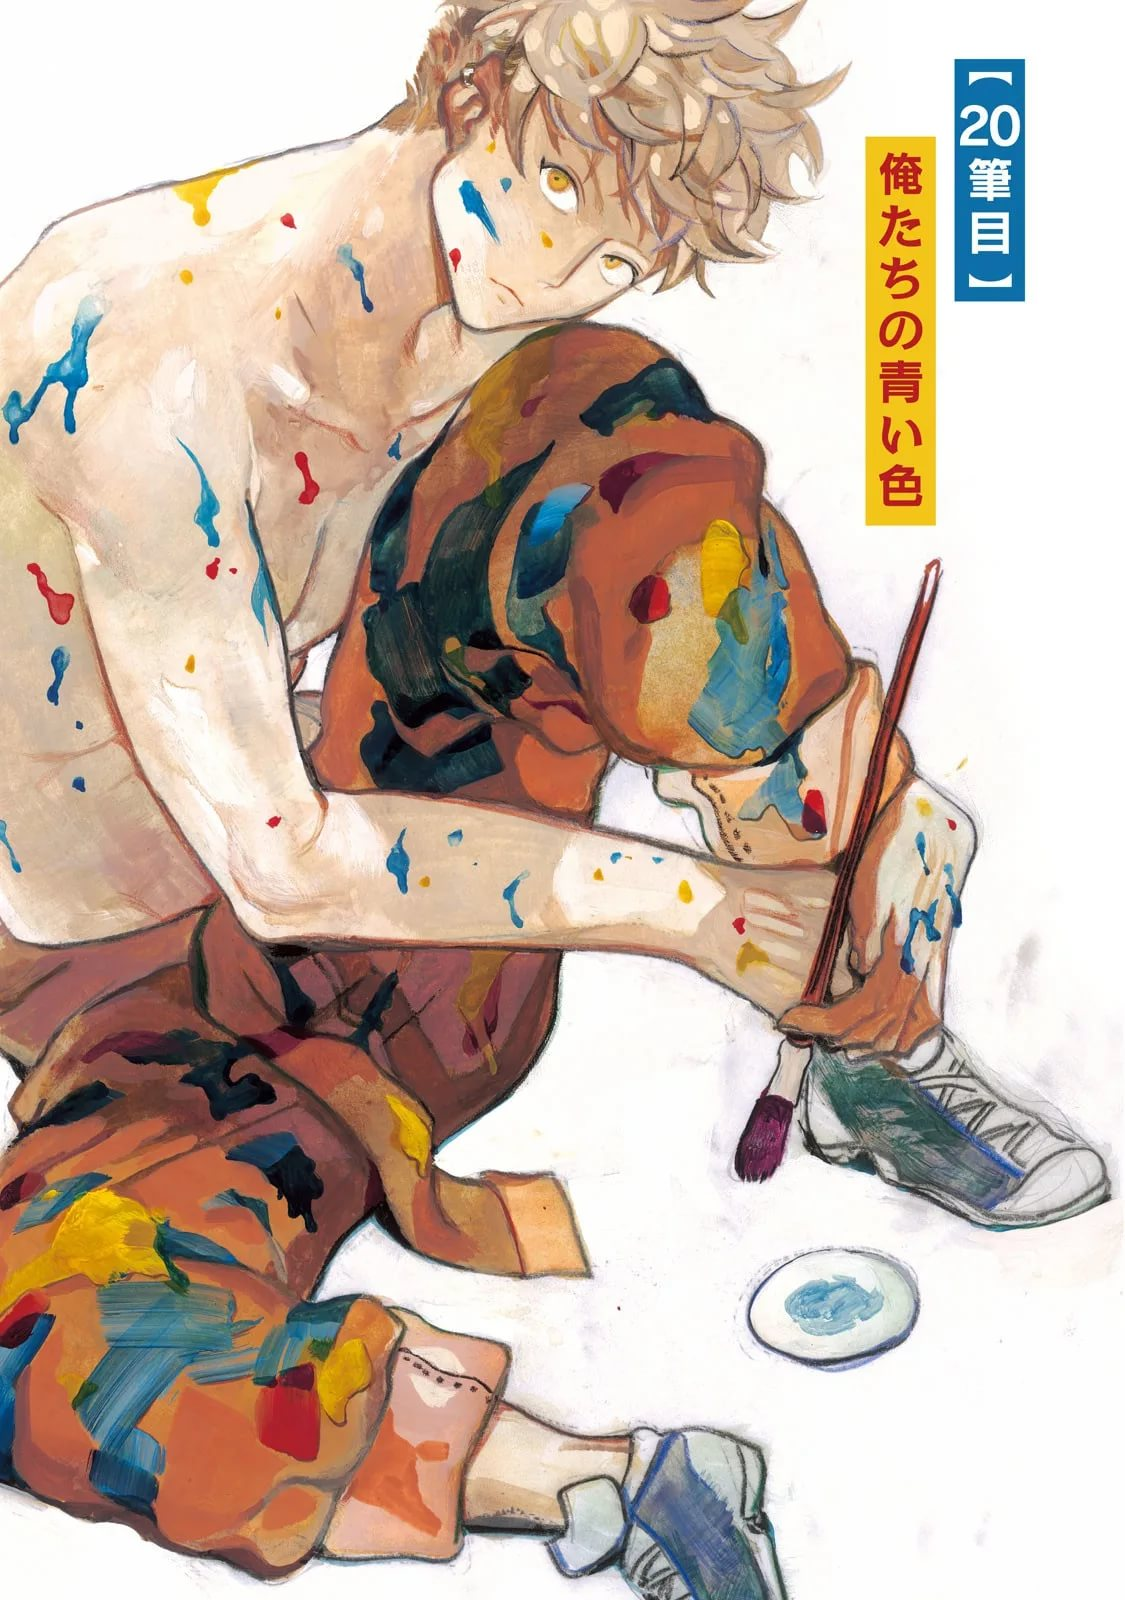 Голубой период, арт из аниме (3)